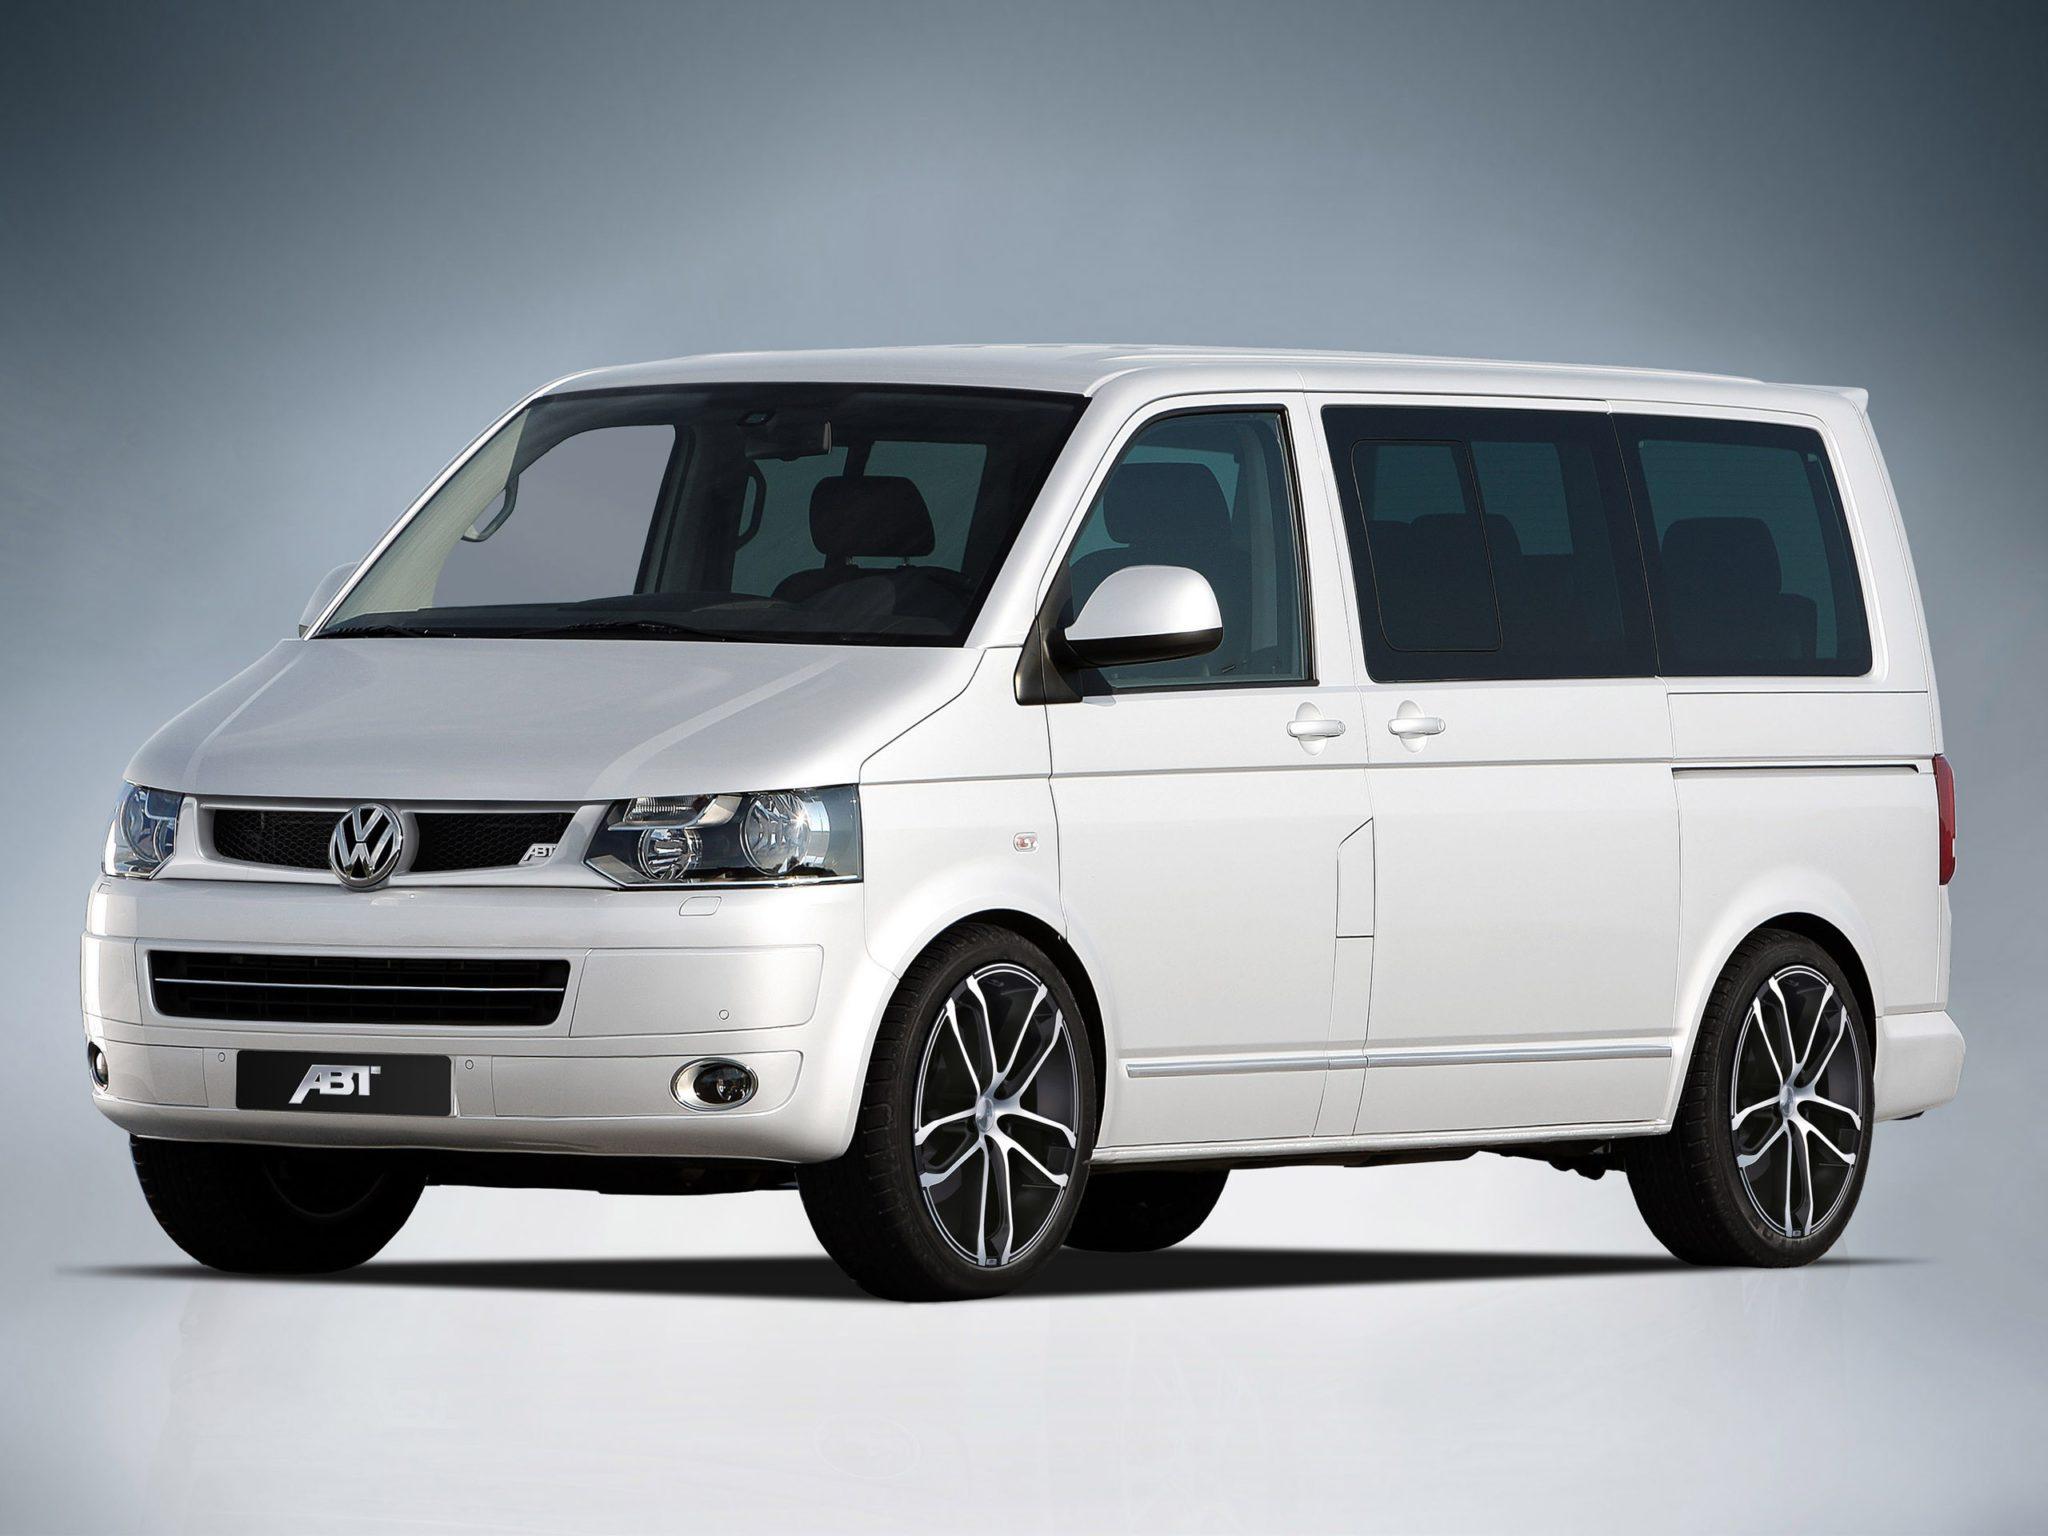 Volkswagen T5 Multivan (2014) - ABT